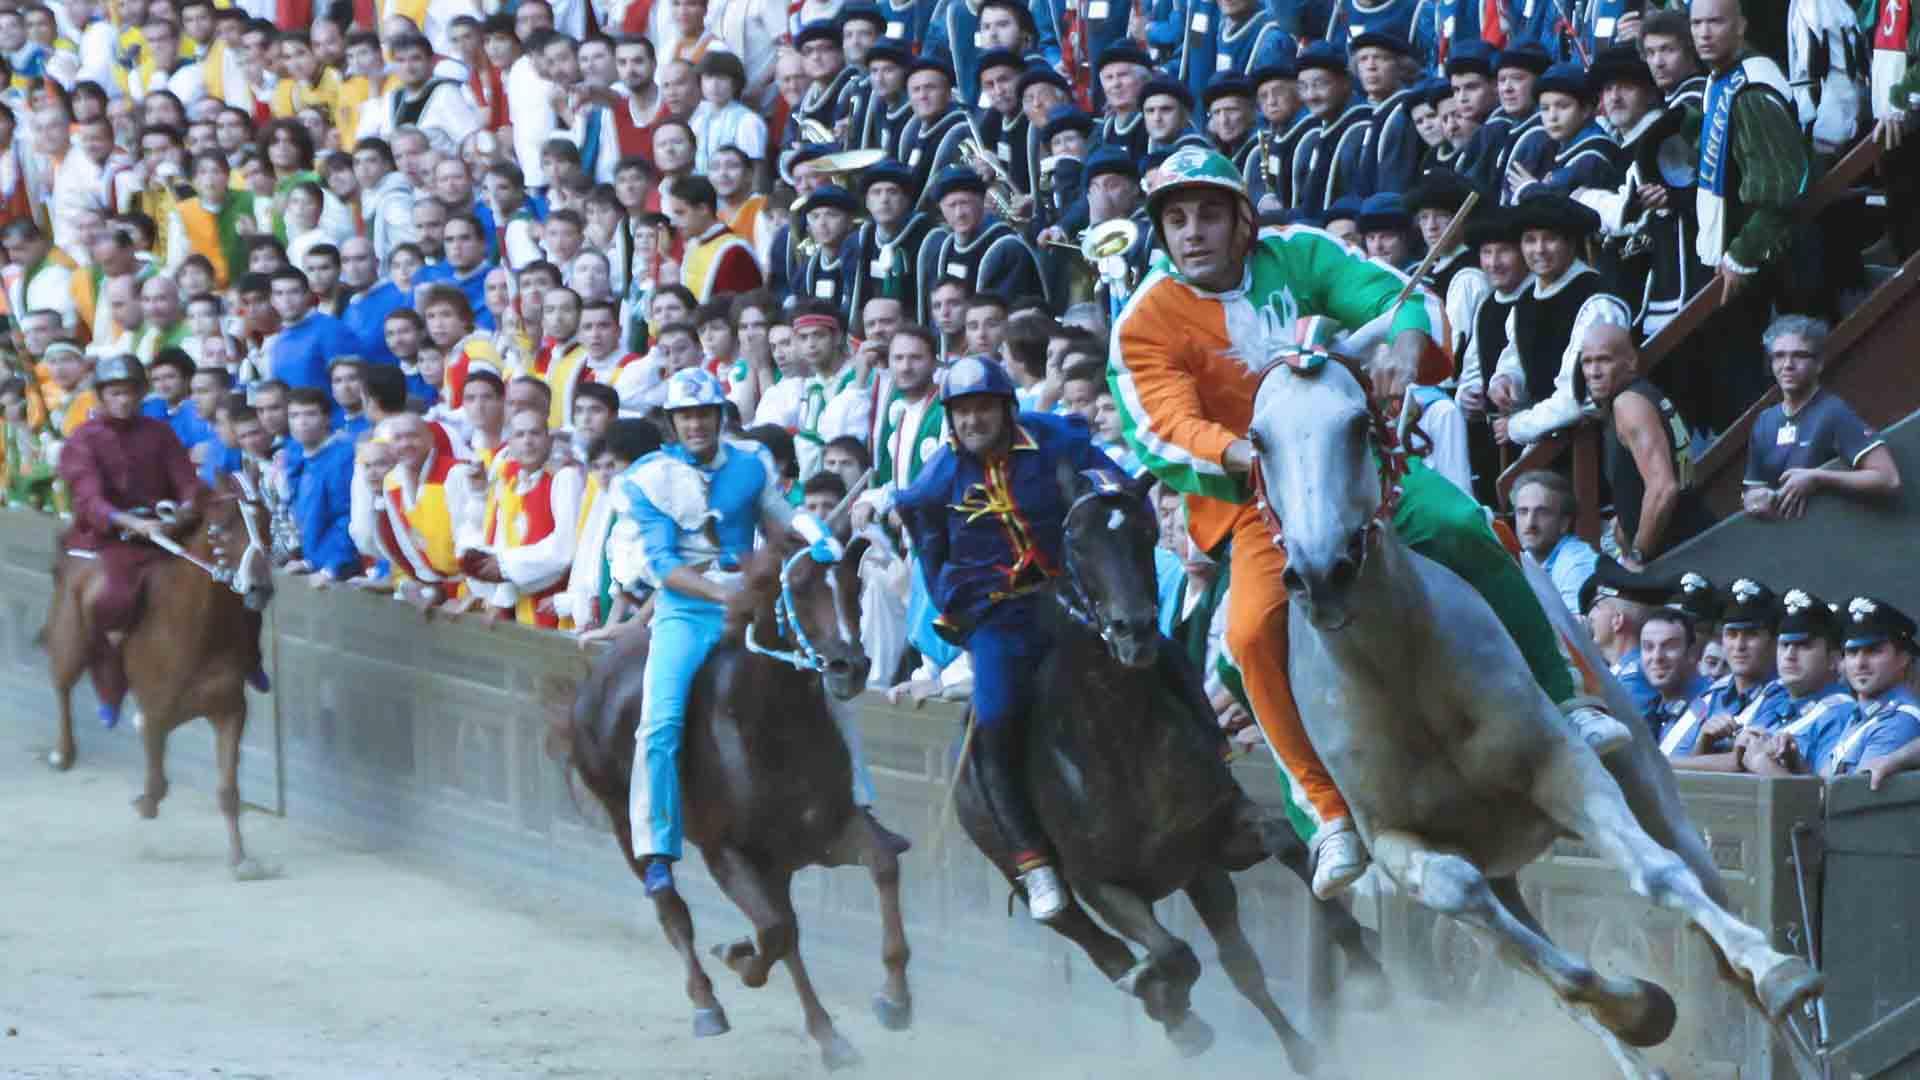 Il Palio di Siena esiste dal 1200 e vede ancora una grande rivalità tra contrade